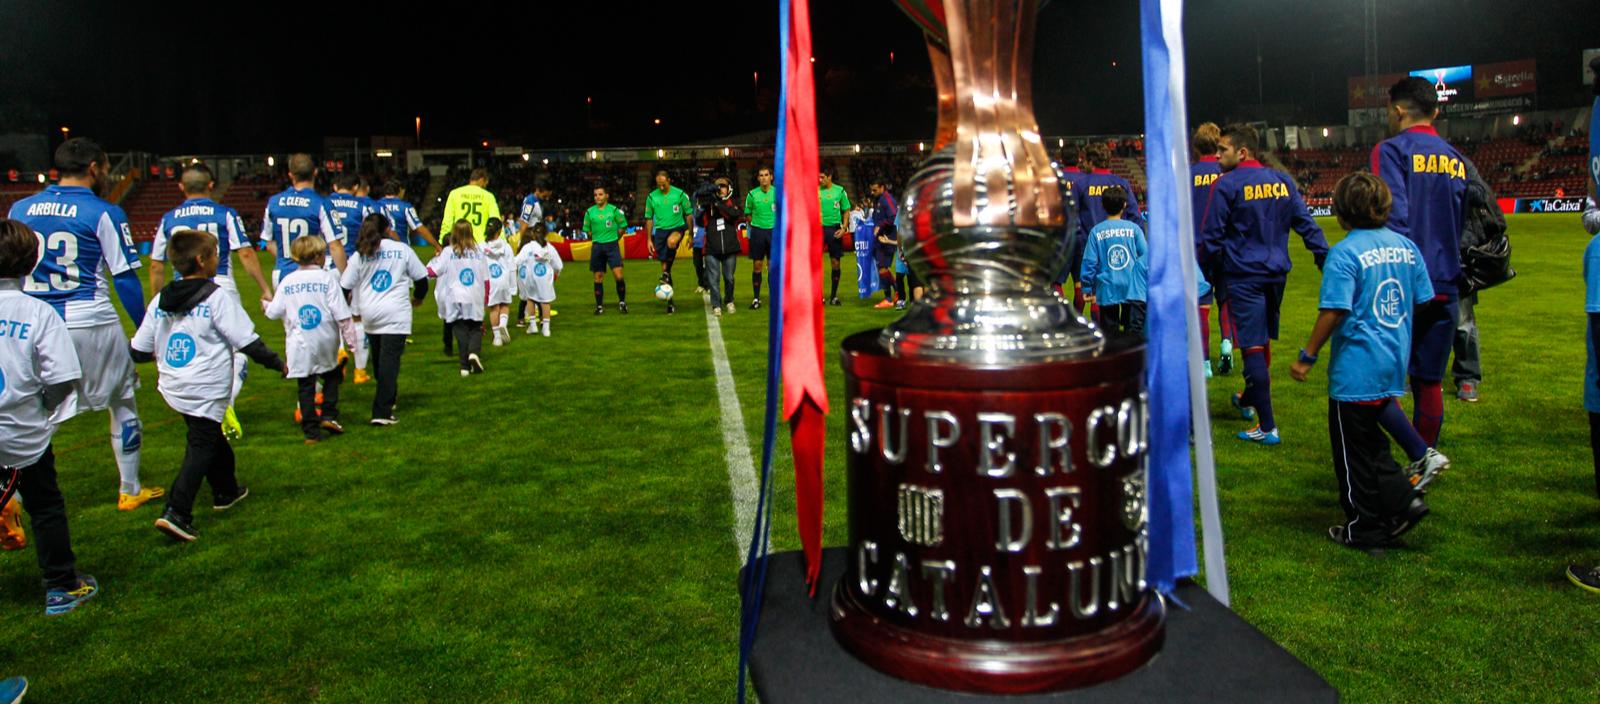 Els socis del Lleida, Barça i Espanyol tenen descomptes en l'entrada de la Supercopa